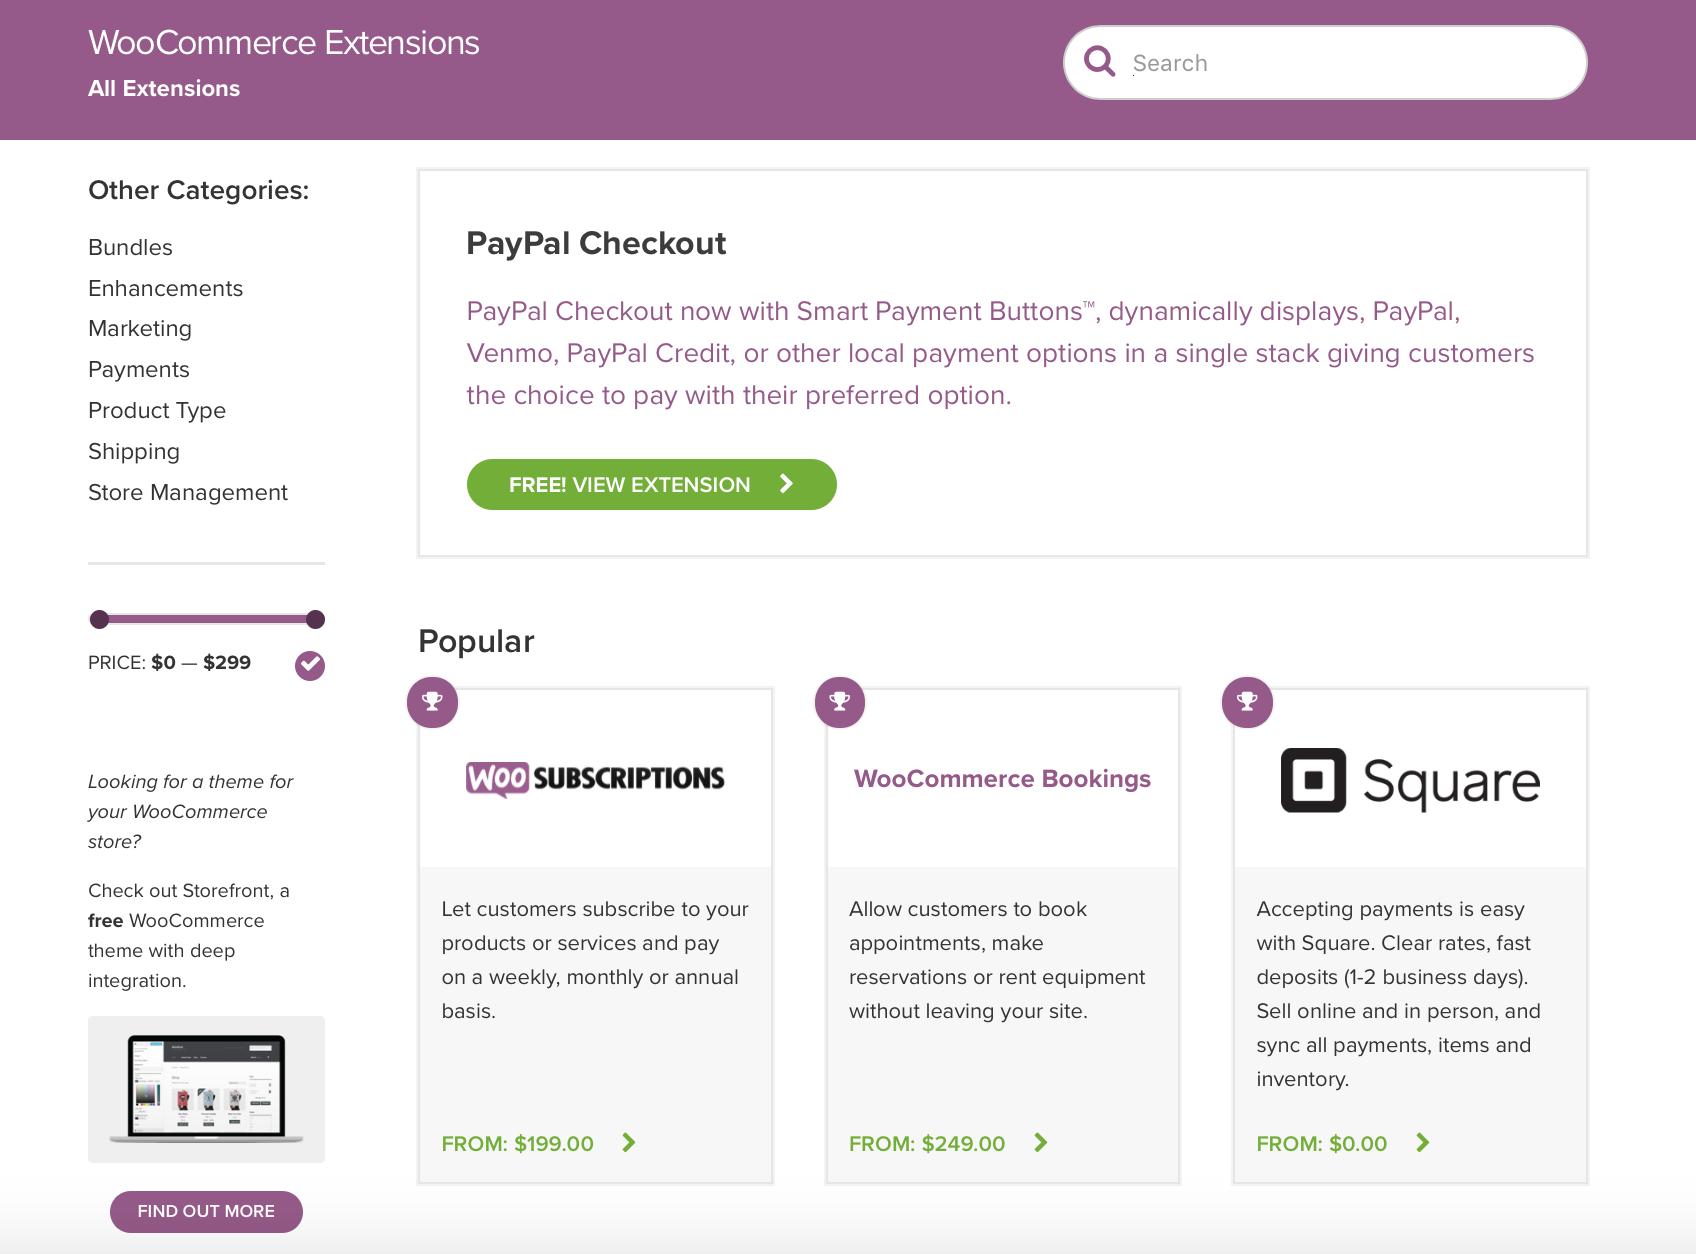 Einer der Vorteile von WooCommerce liegt in den Extensions des WooCommerce Stores